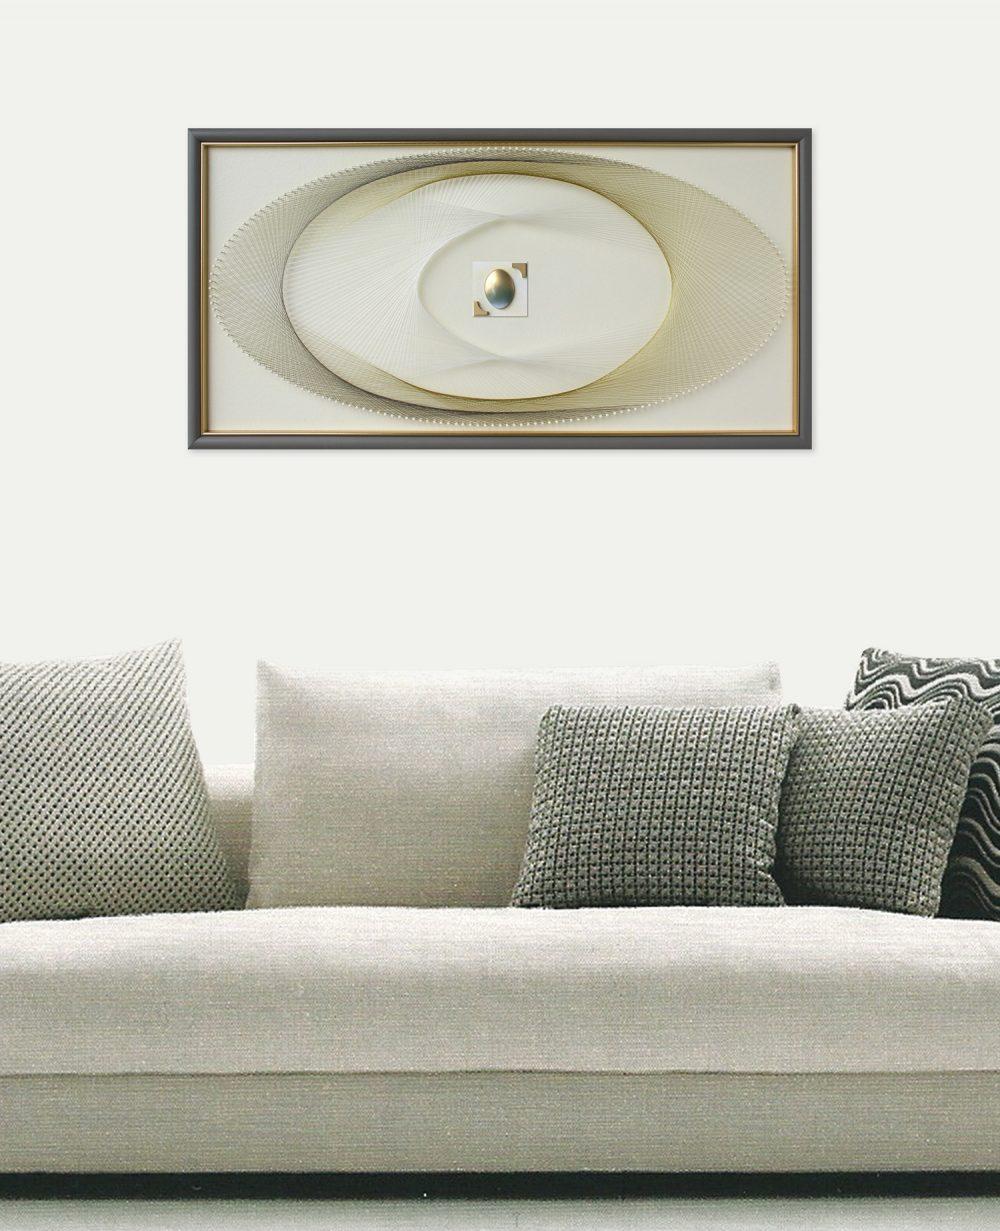 3D Artwork for Living Room